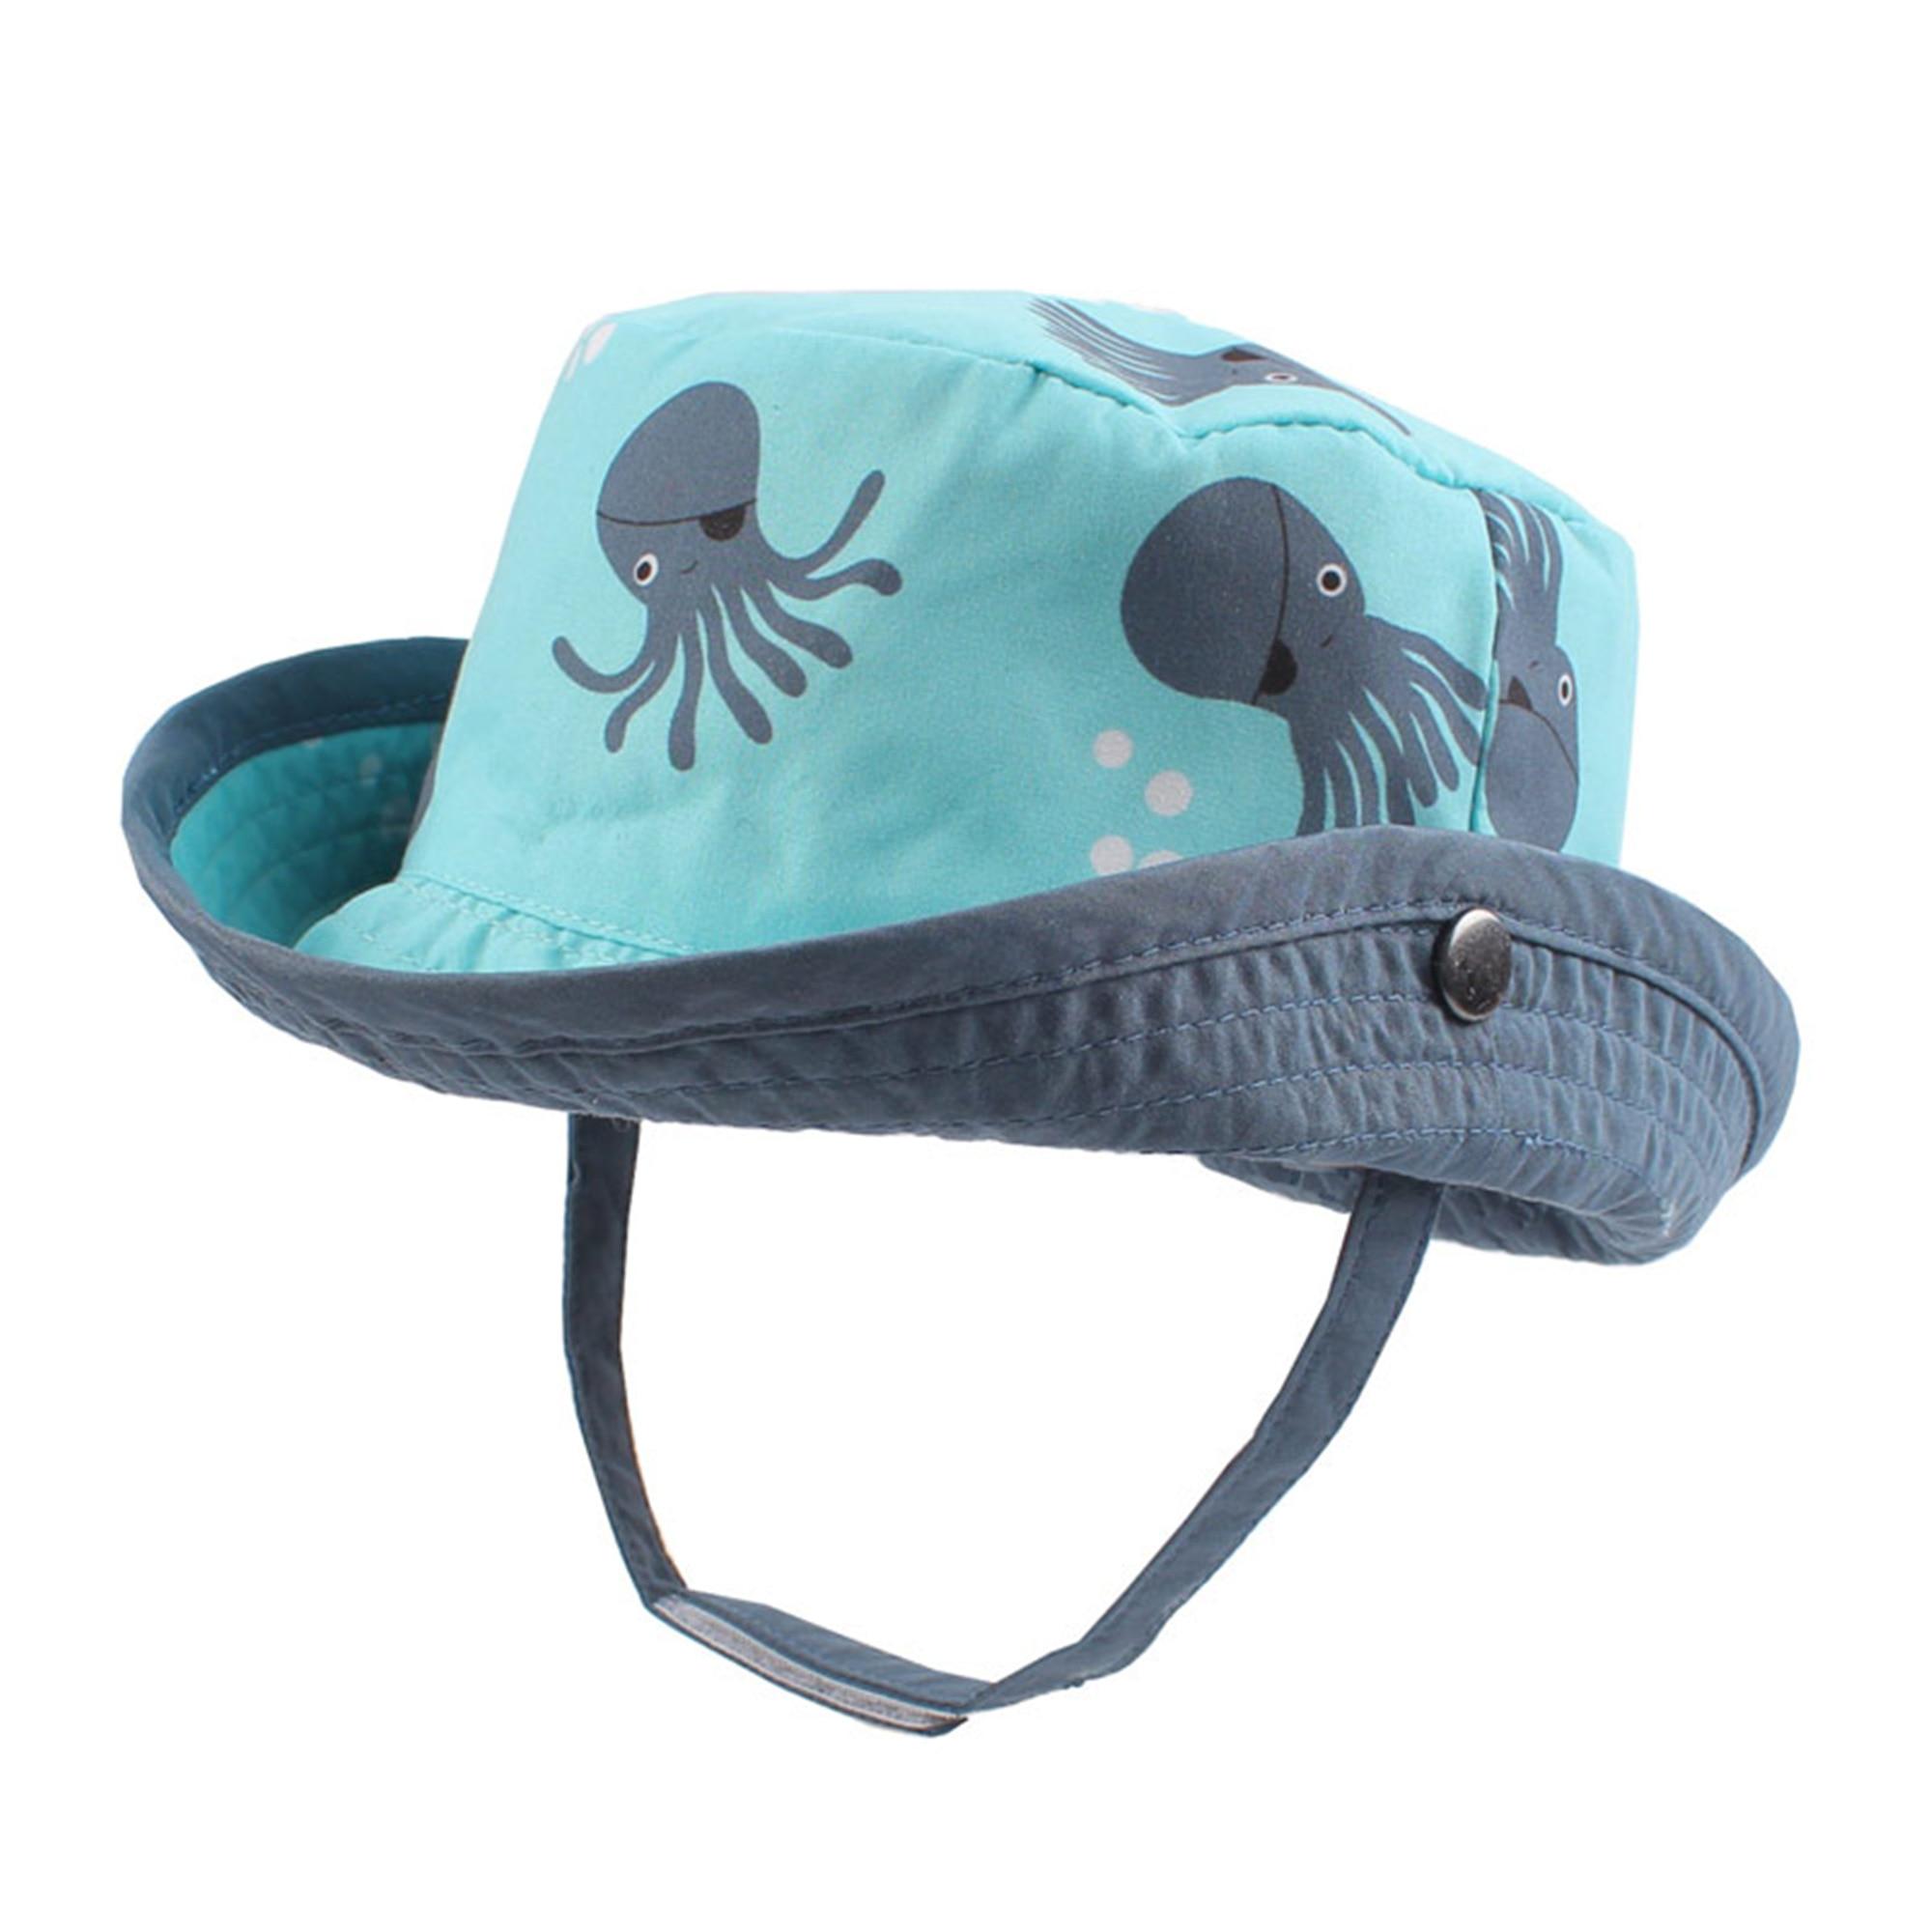 Детская Панама с изображением осьминога; детская летняя солнцезащитная Кепка для маленьких мальчиков и девочек; Весенняя ветрозащитная кепка; хлопковый капот; Chinstrap